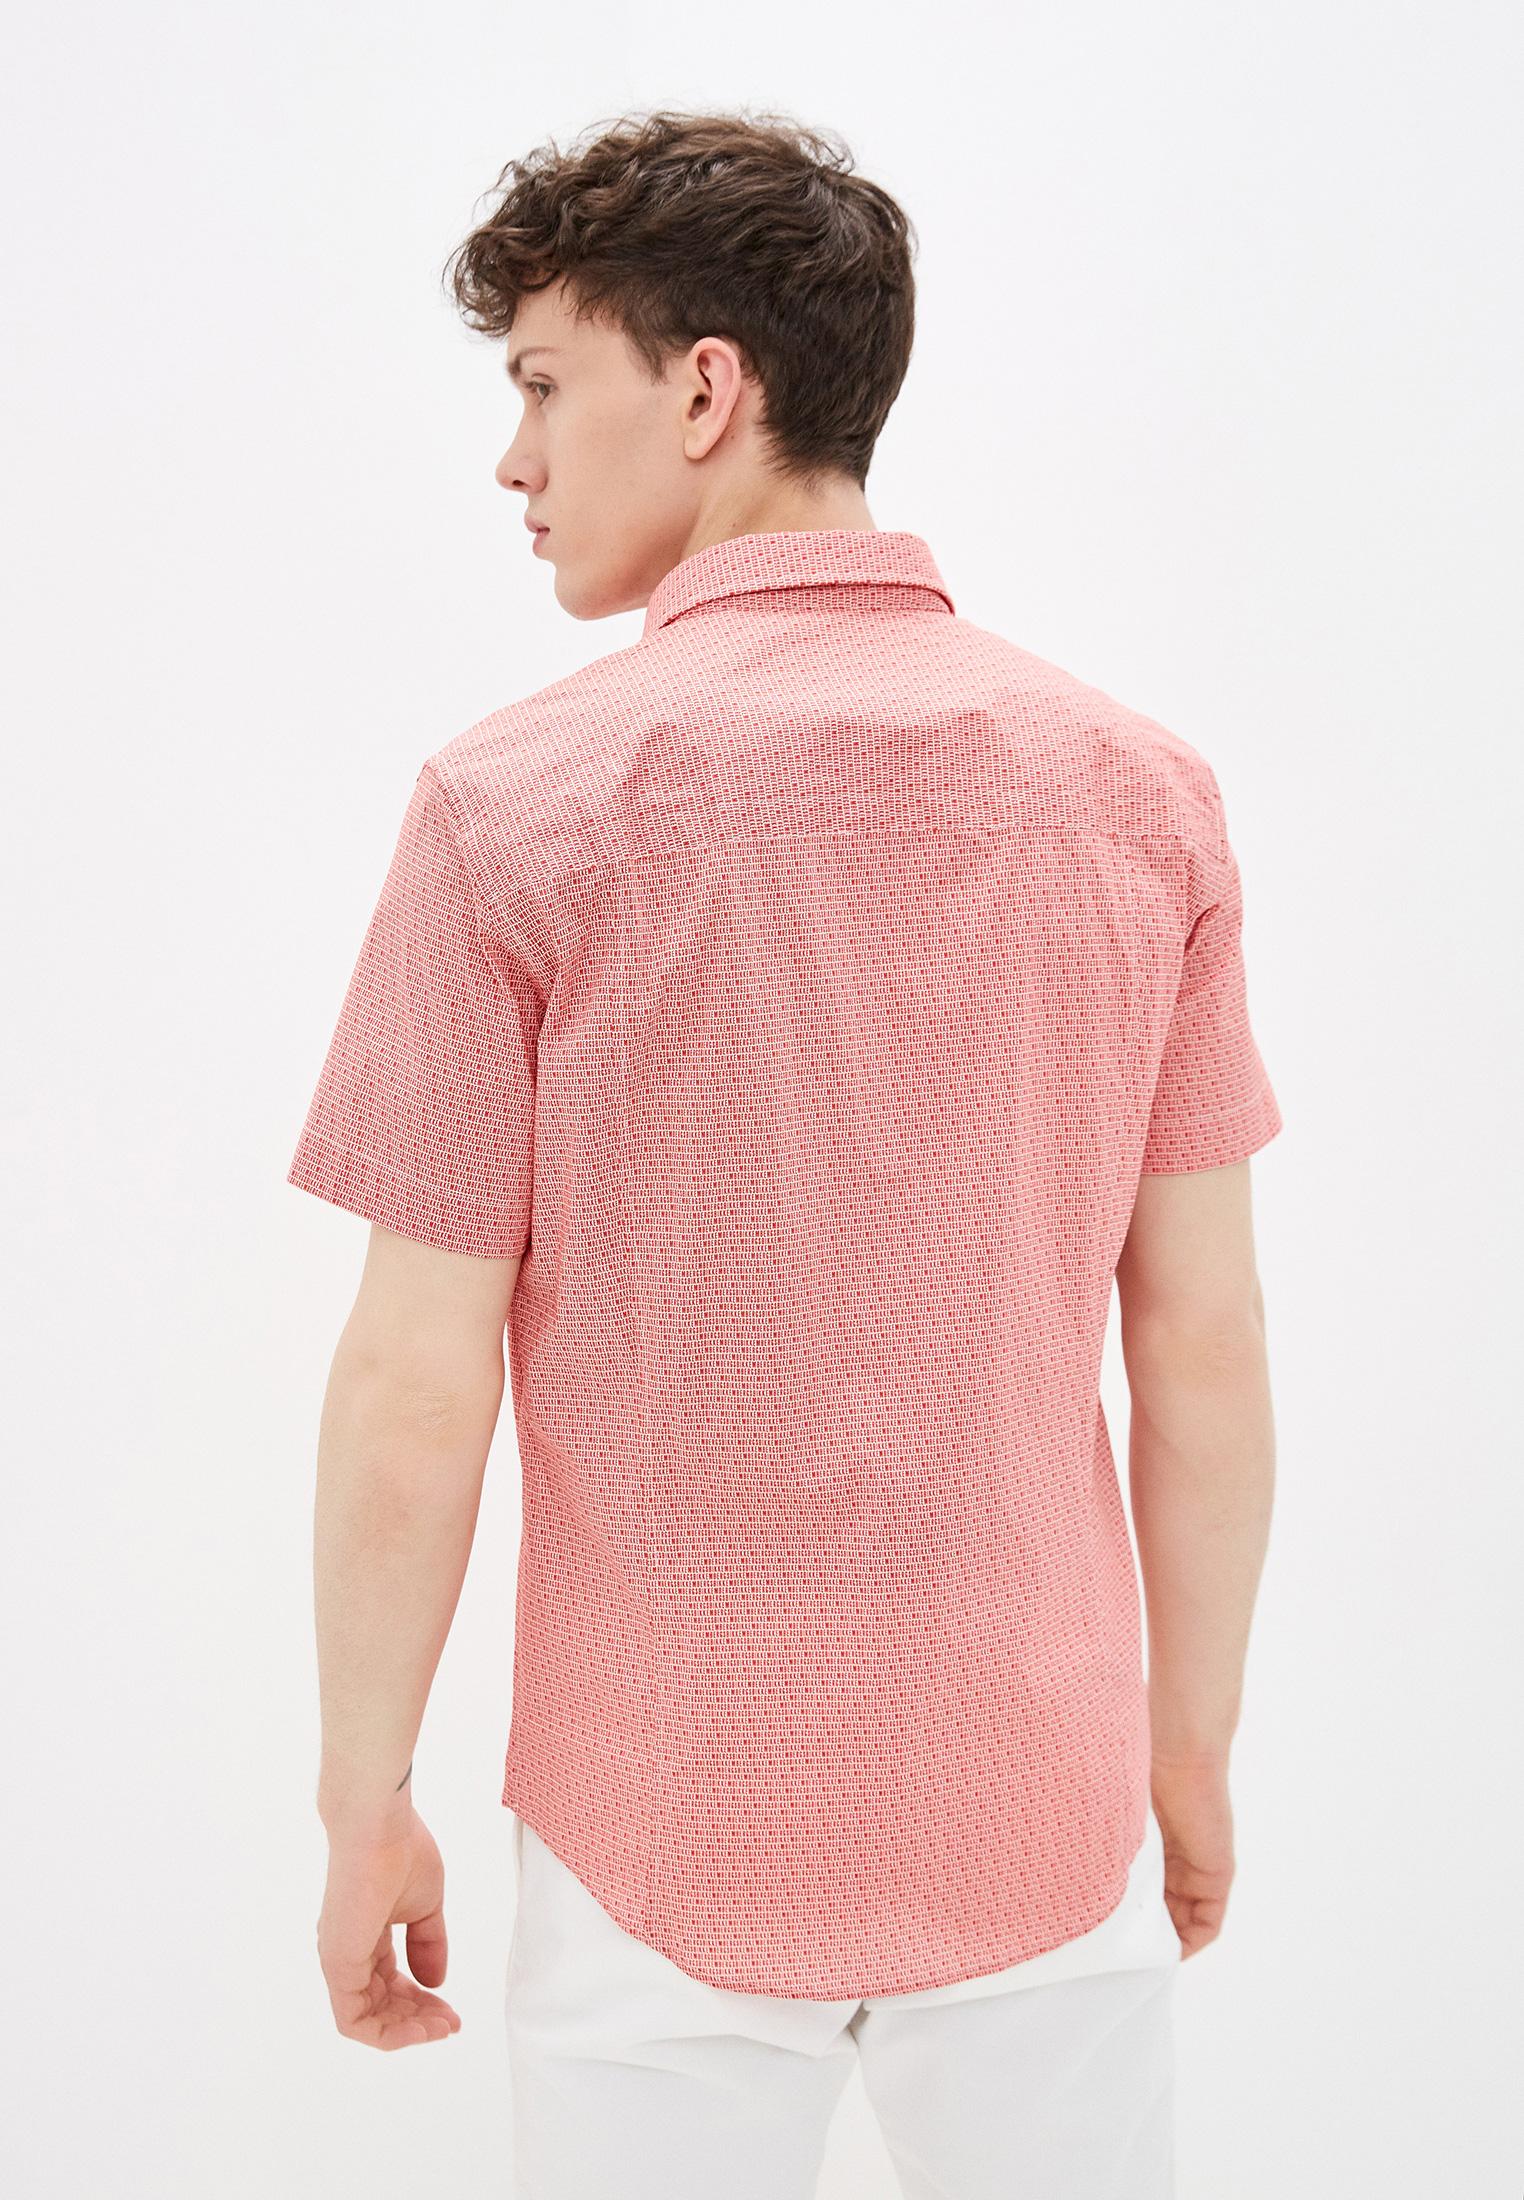 Рубашка с коротким рукавом Bikkembergs (Биккембергс) C C 026 00 S 3353: изображение 4